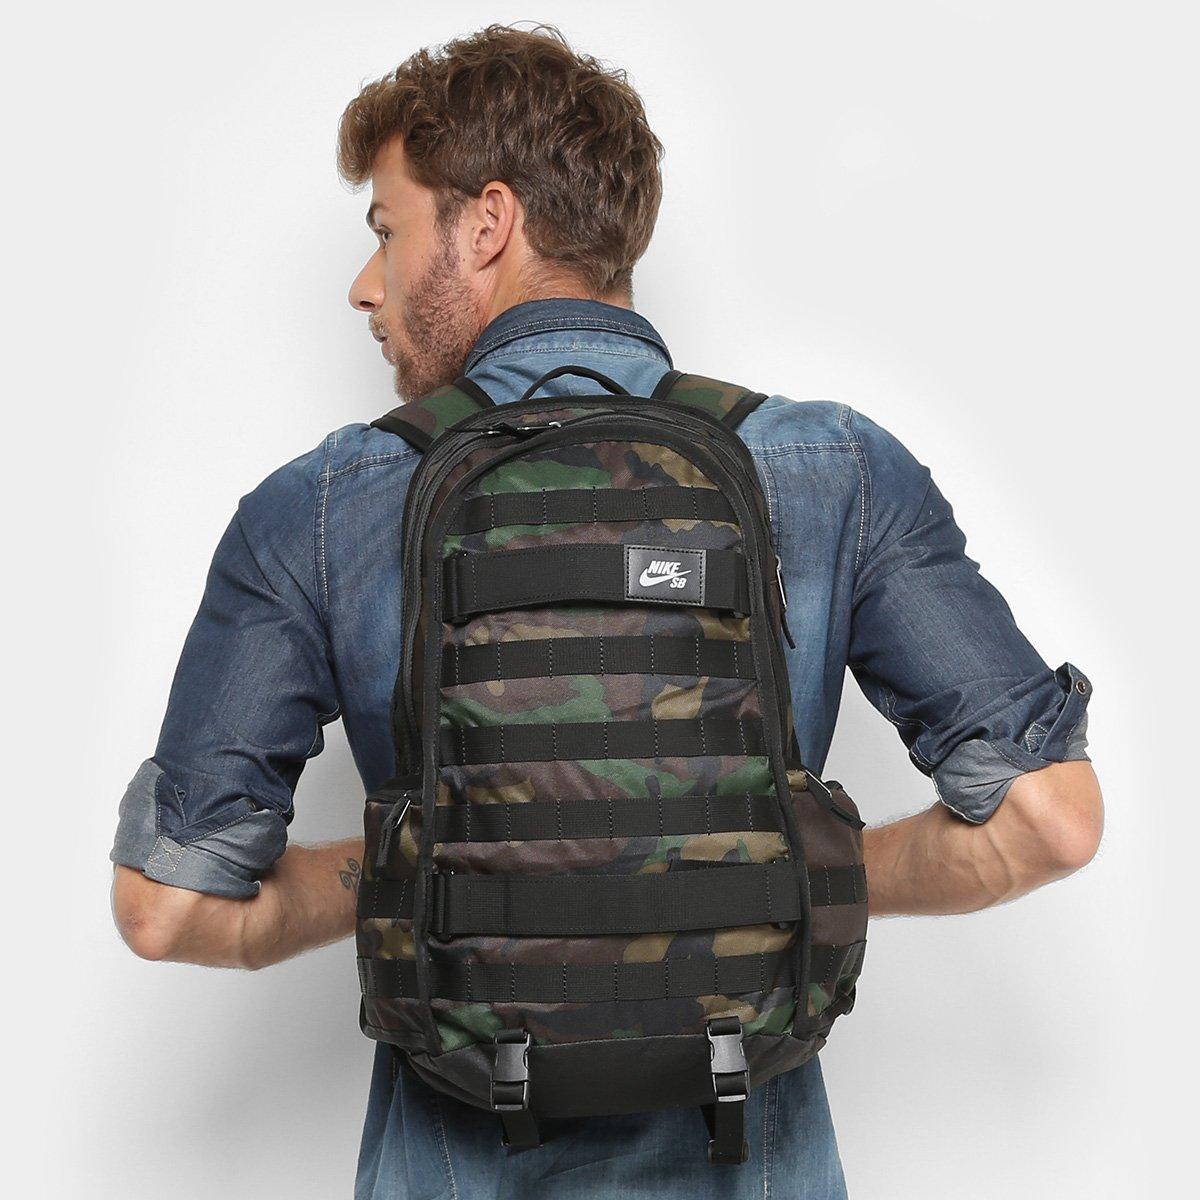 Backpack Sb Mochila Nike Nike Rpm Mochila n0k8wPO